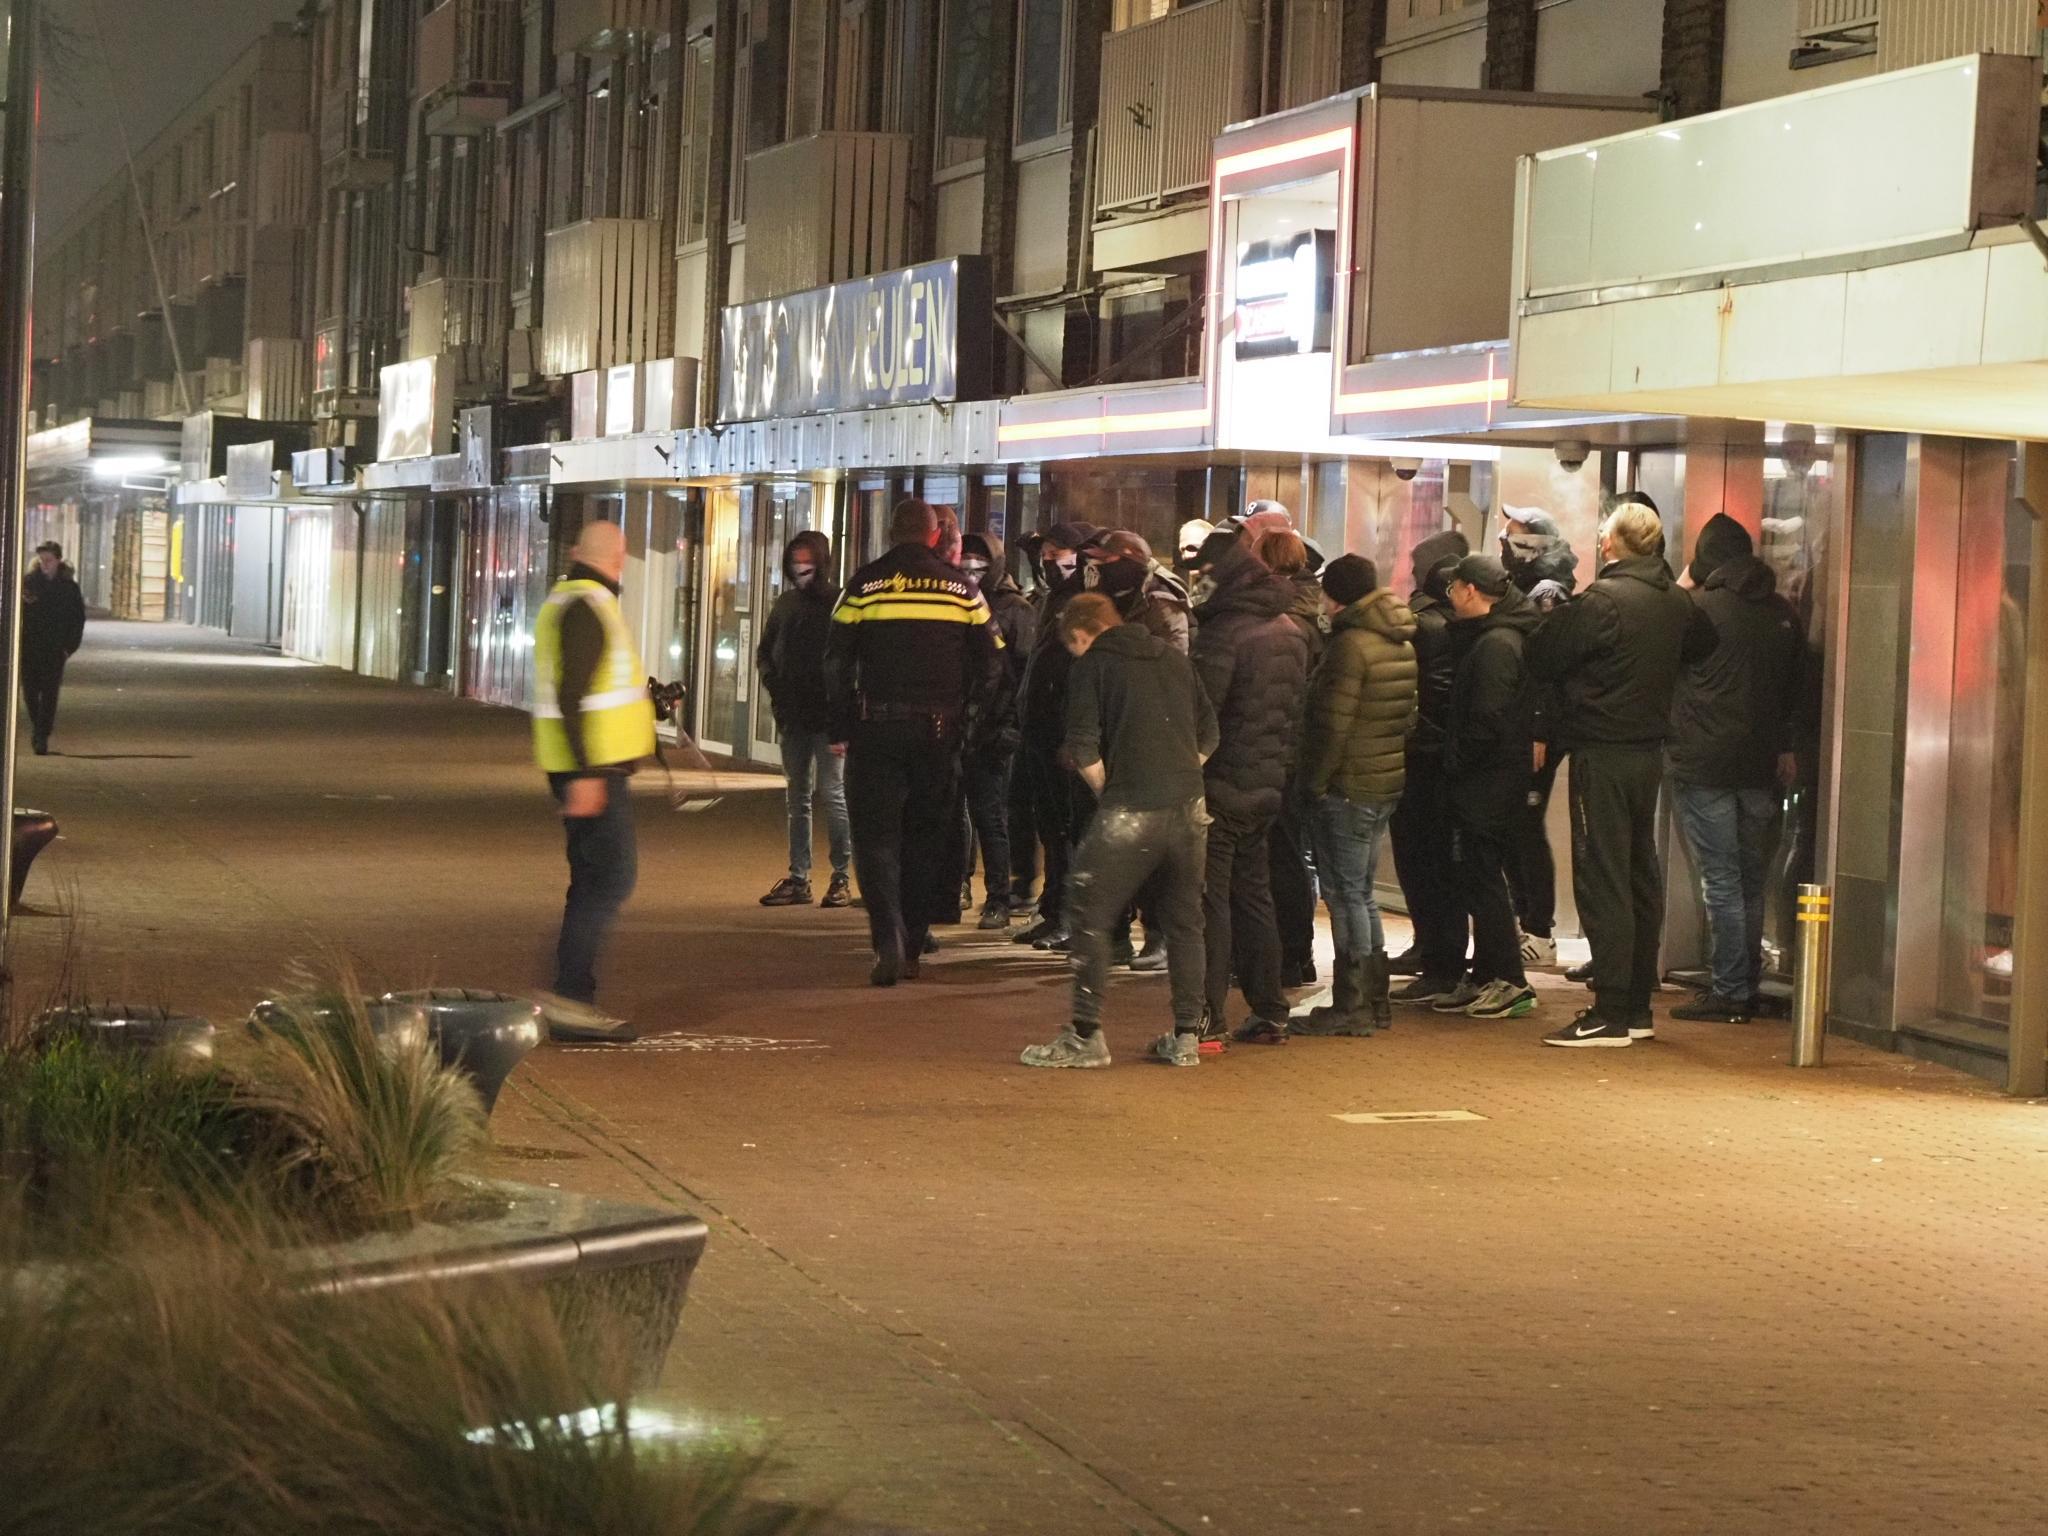 Defend IJmuiden laat zich opnieuw zien met korte actie als burgerwacht in Lange Nieuwstraat